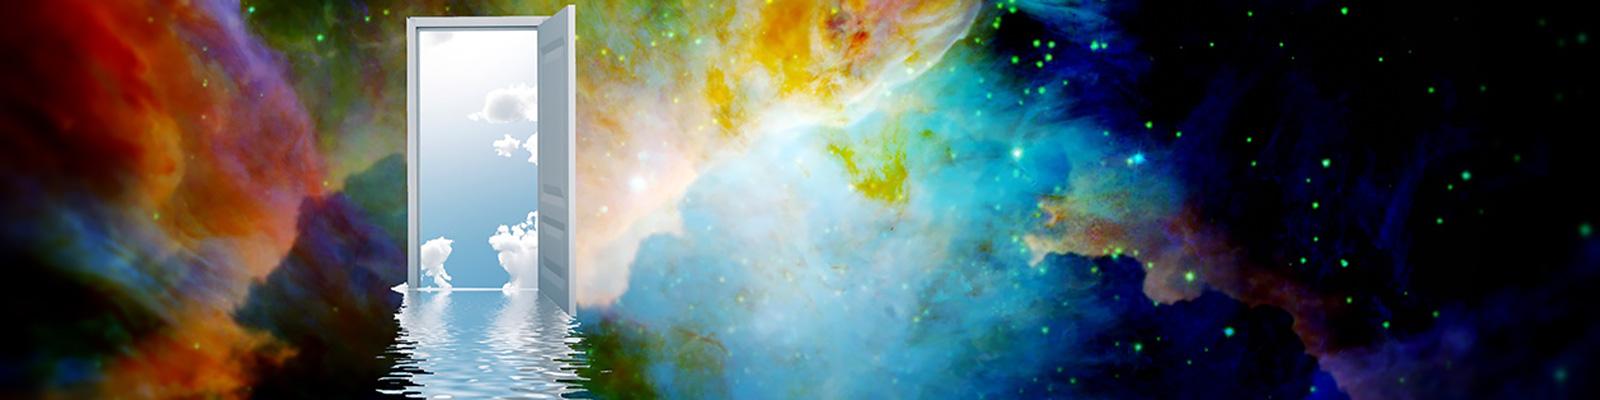 宇宙 海 イメージ